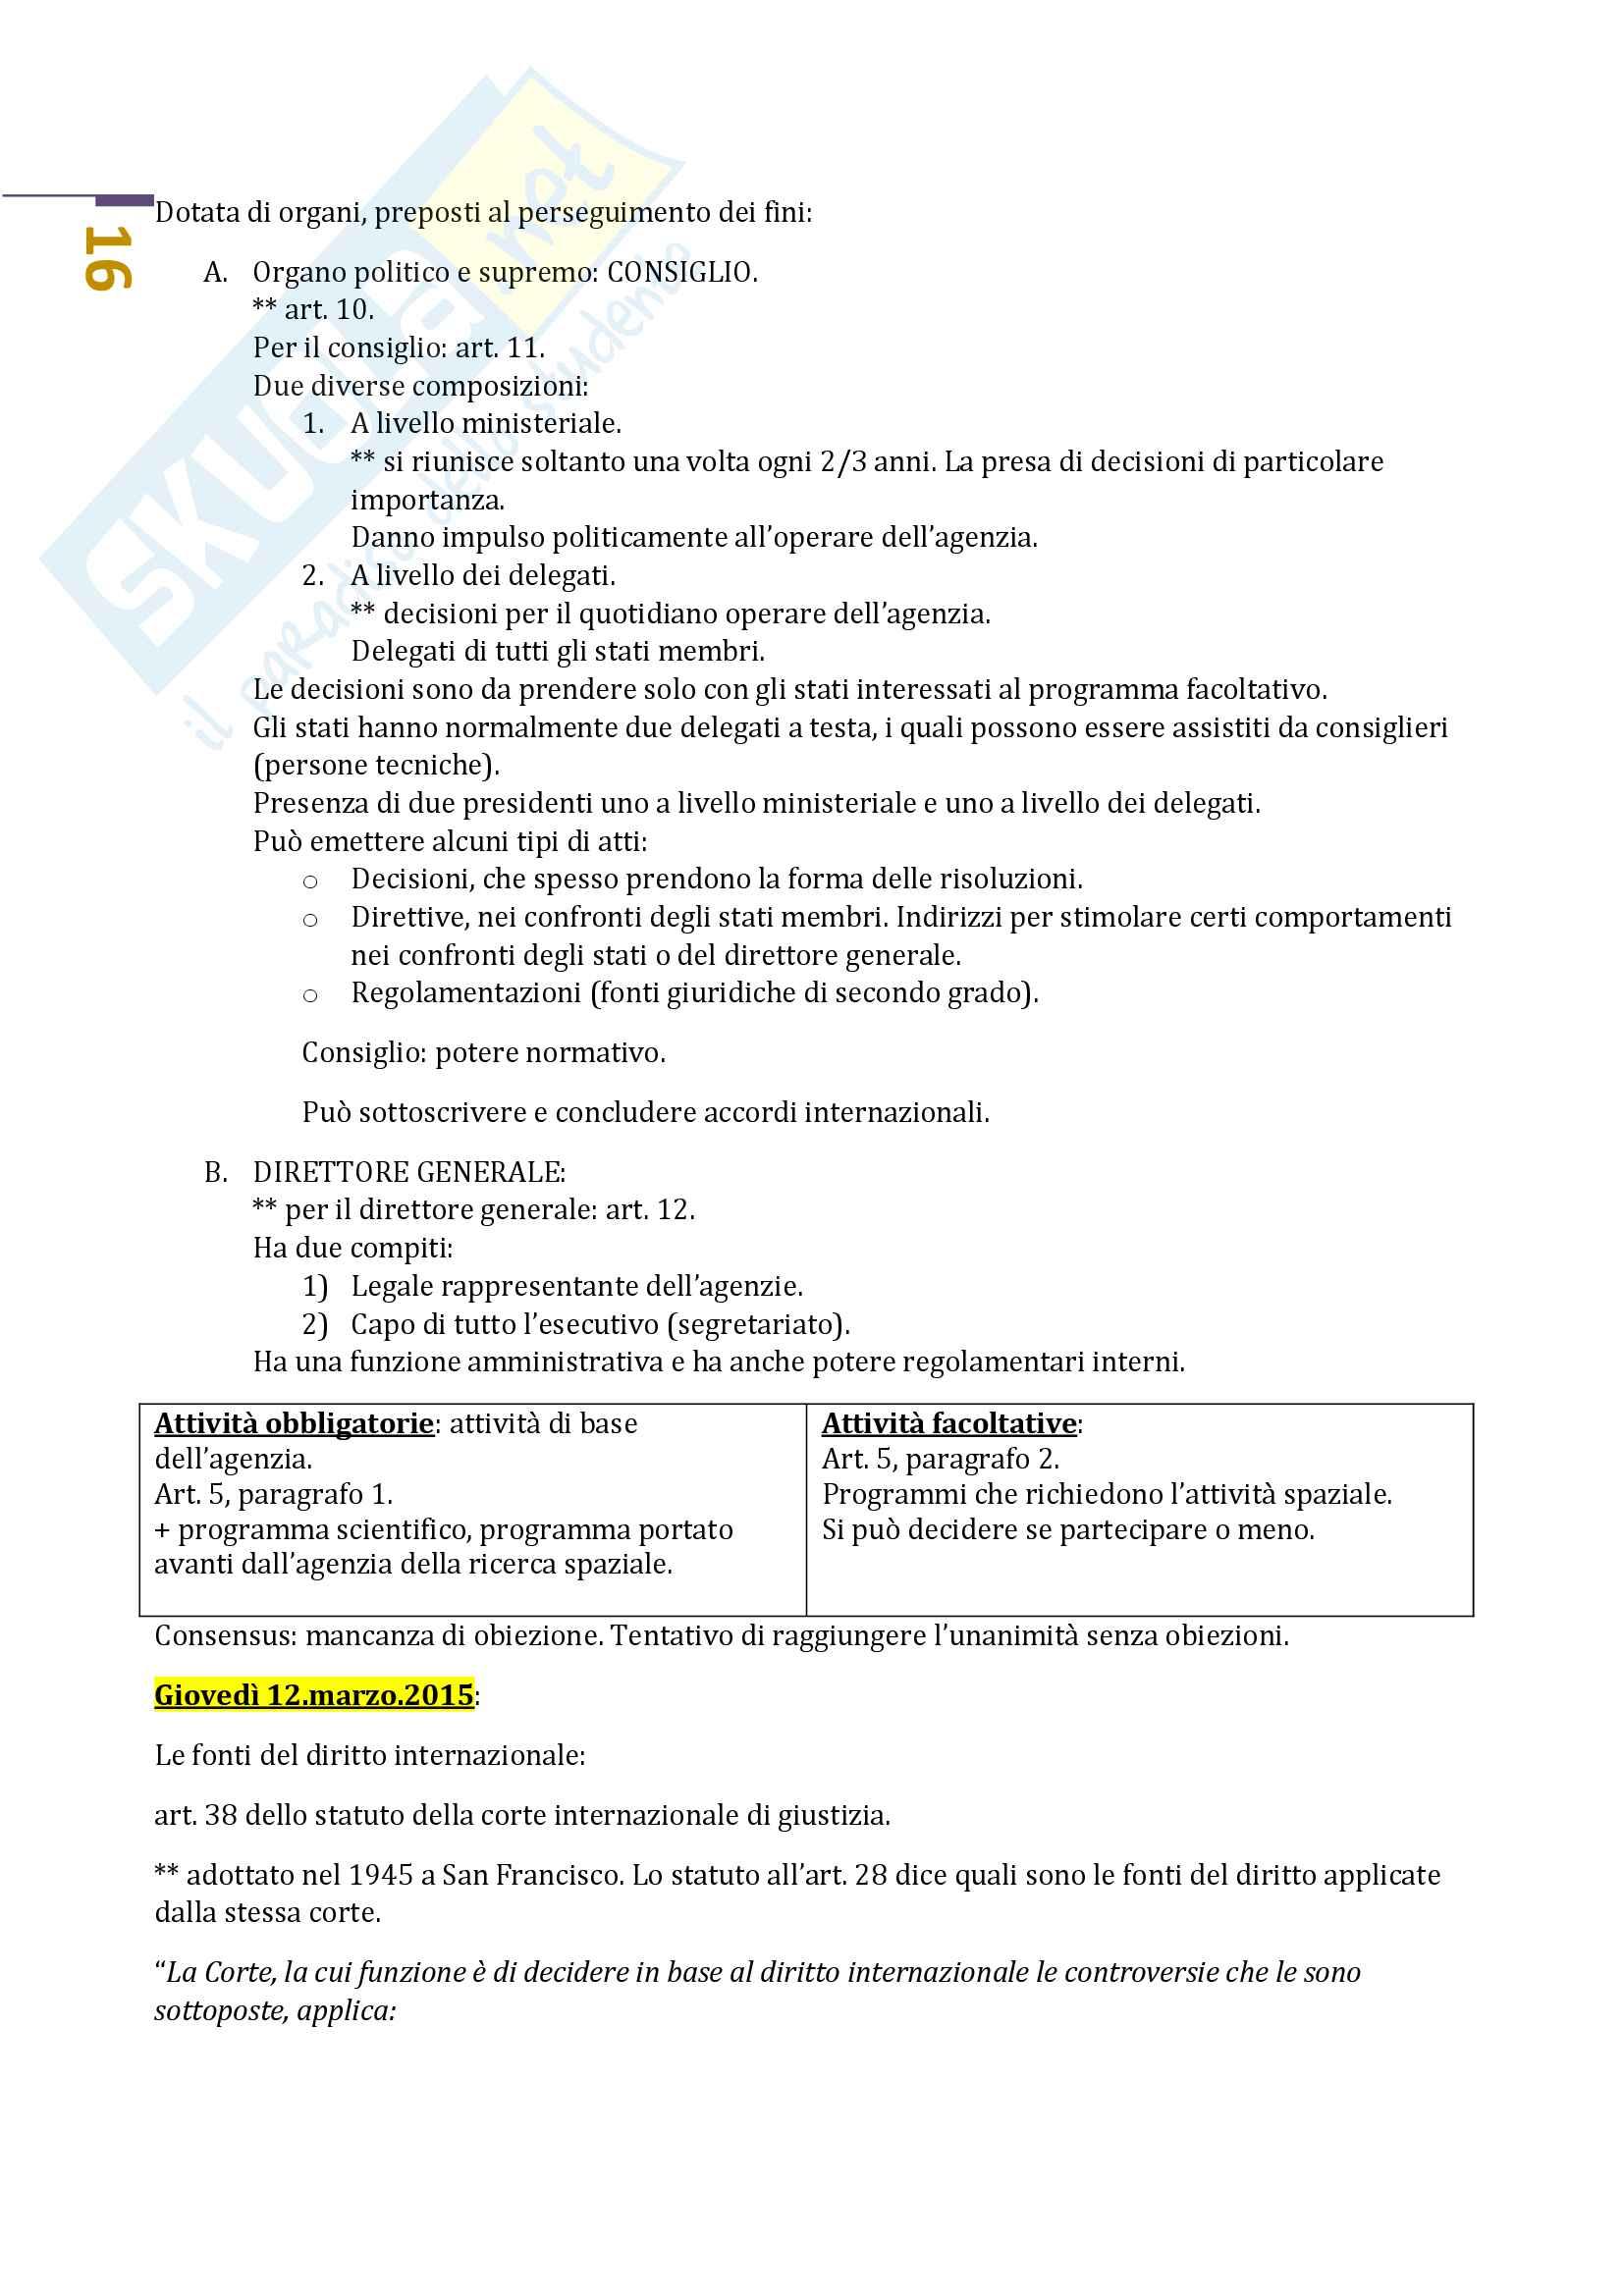 Diritto internazionale Prof. Nesi (Unitn) Pag. 16